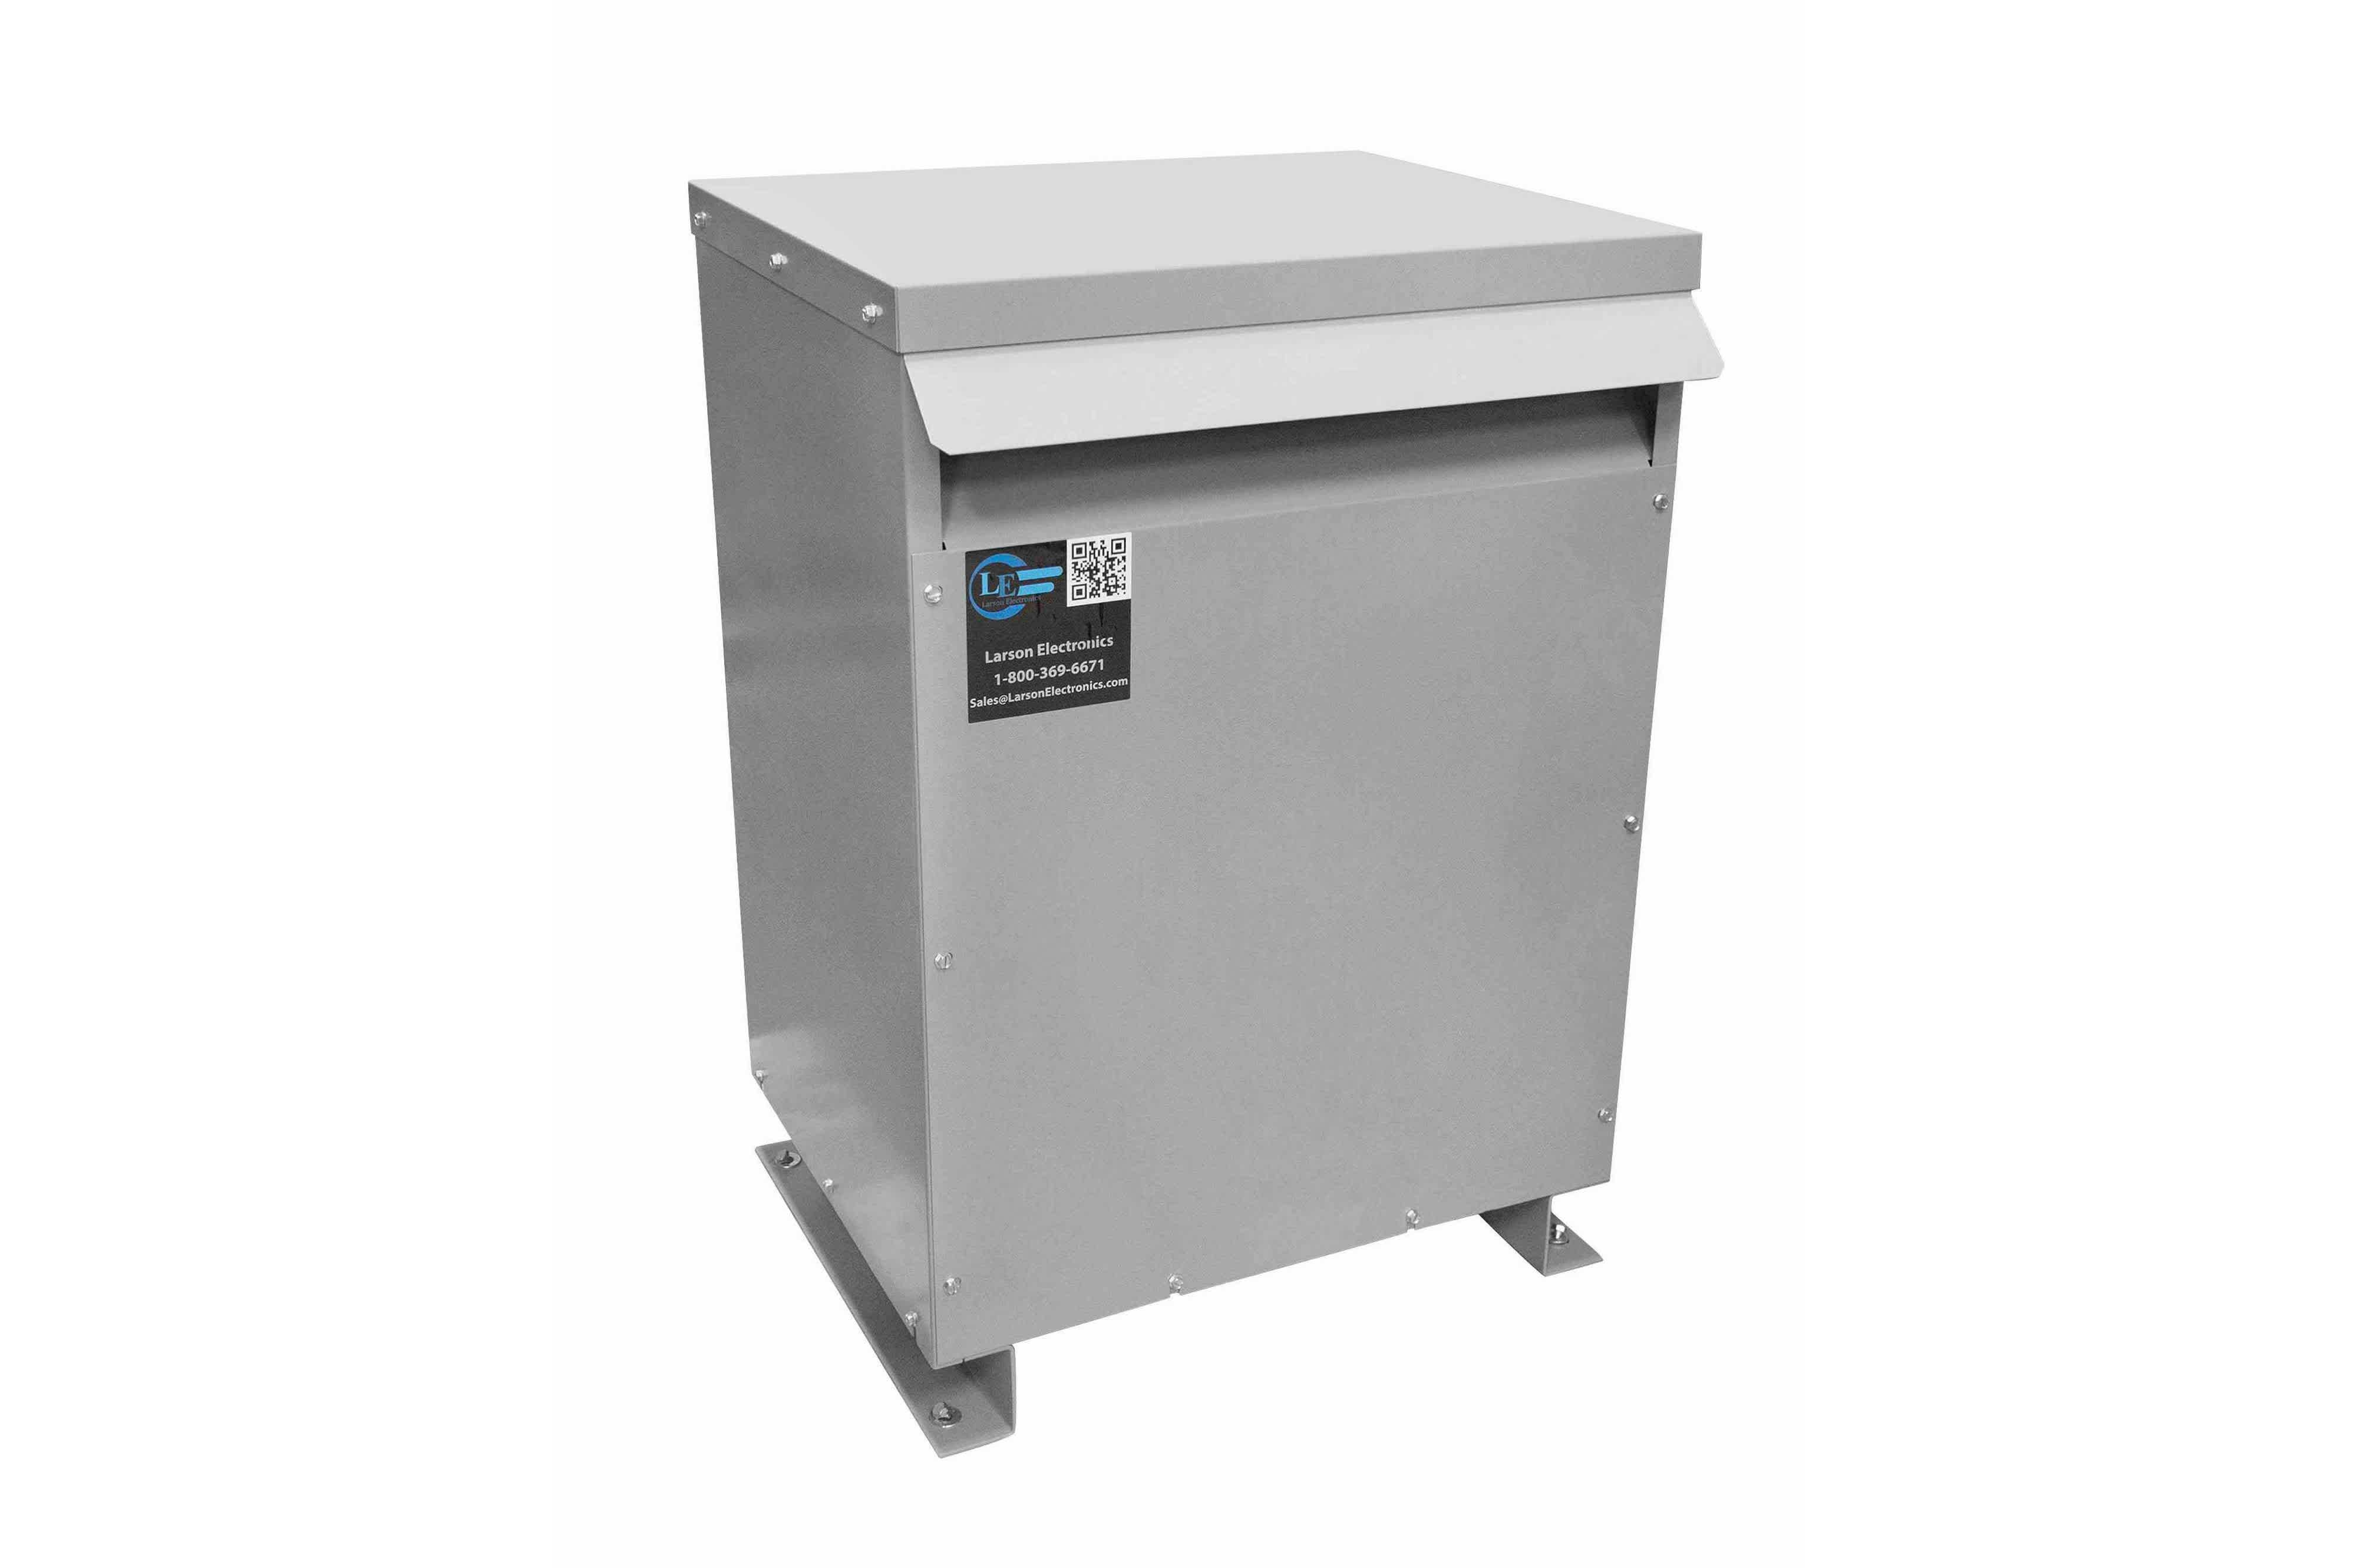 90 kVA 3PH Isolation Transformer, 208V Delta Primary, 208V Delta Secondary, N3R, Ventilated, 60 Hz